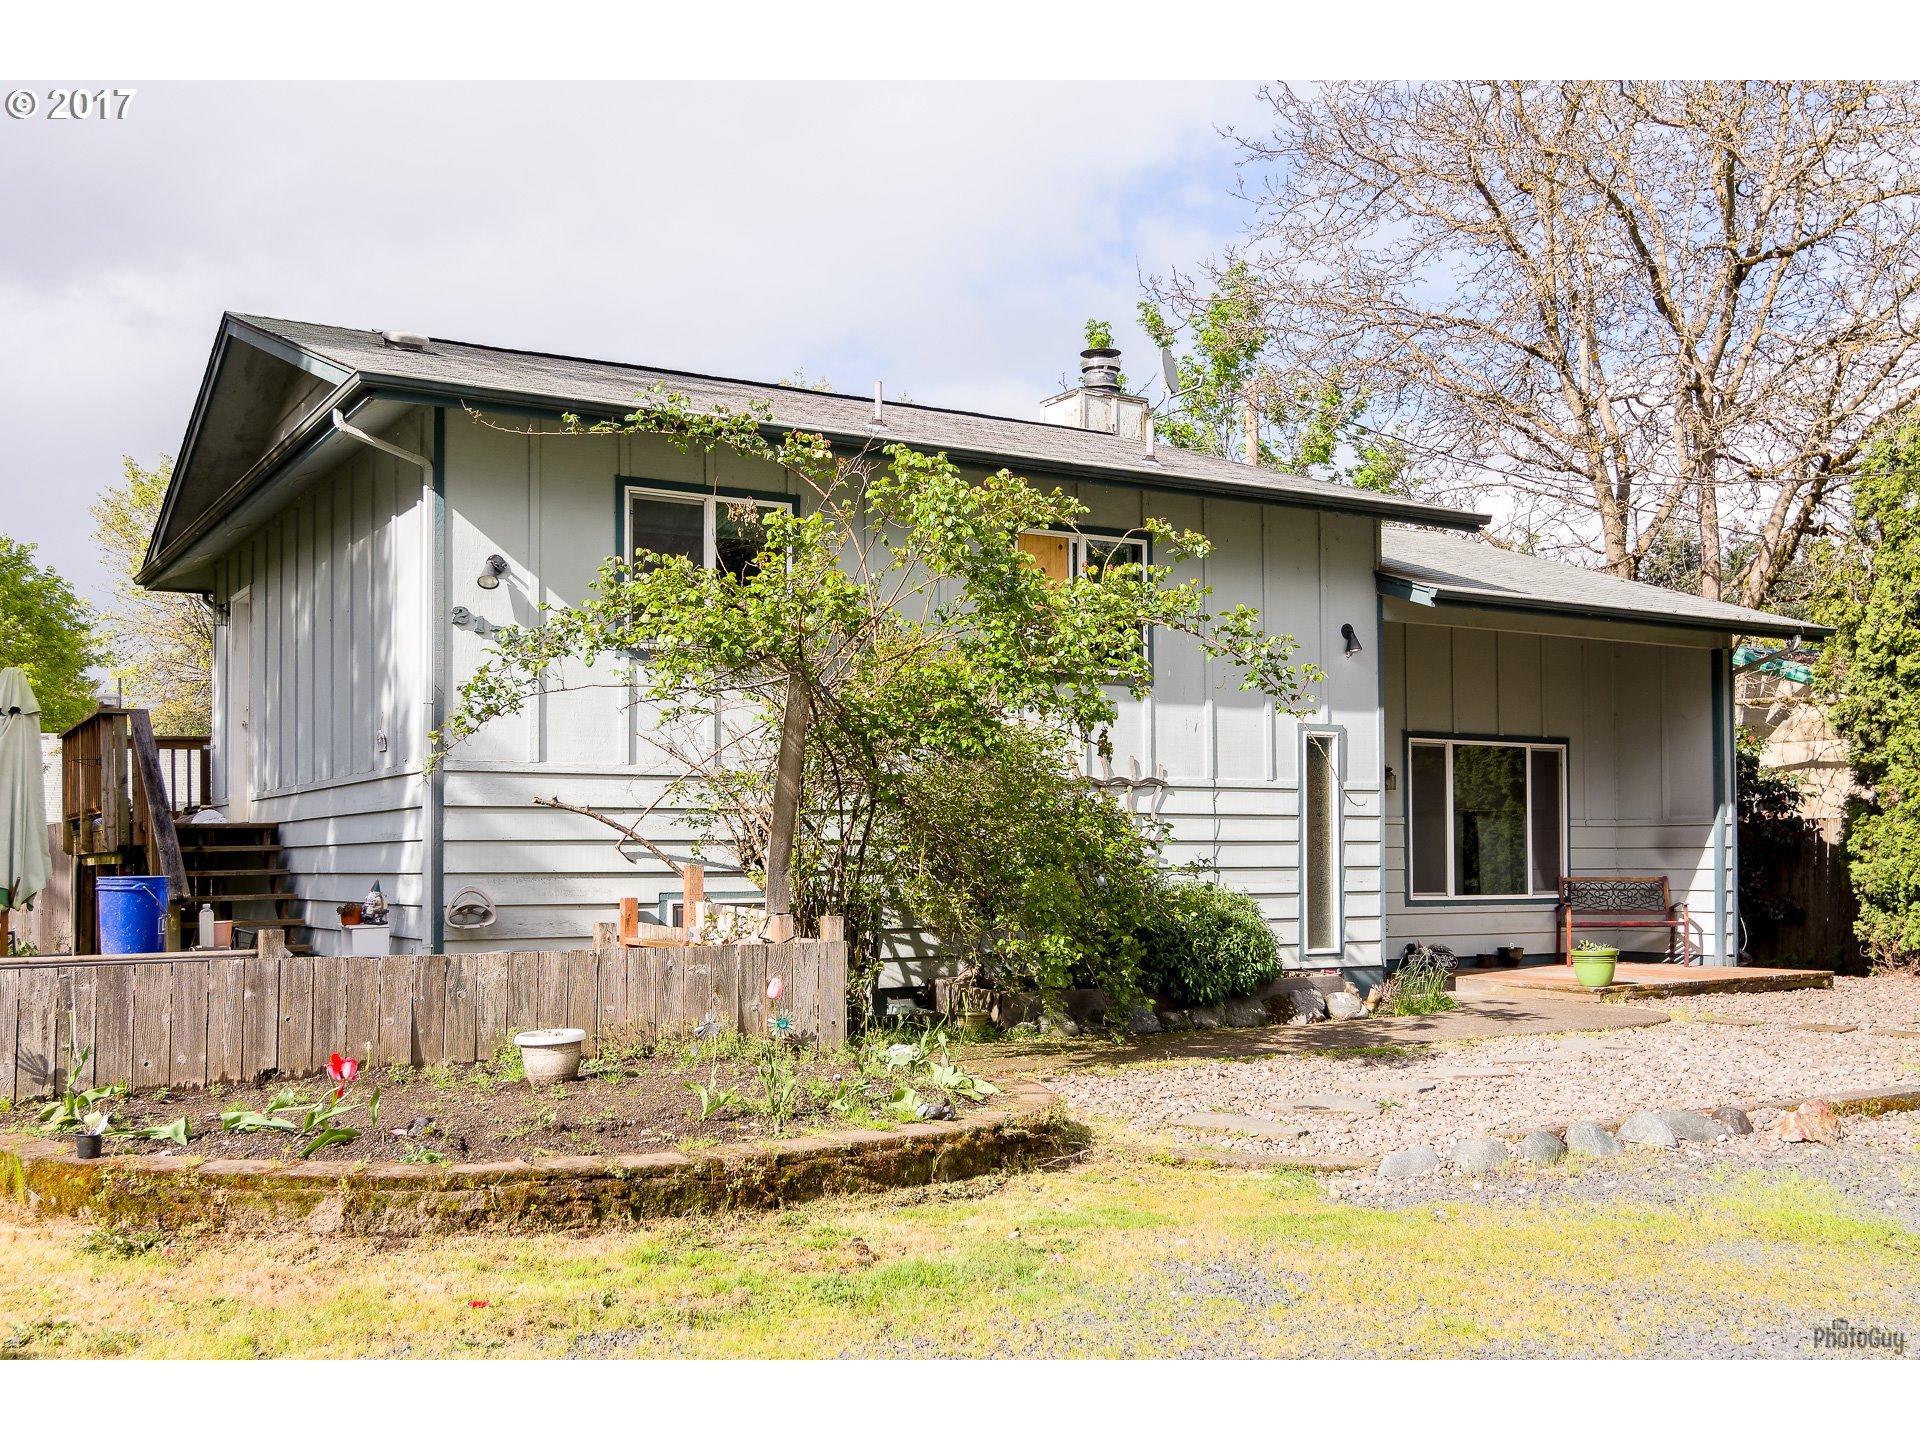 2177 DAKOTA ST, Eugene OR 97402